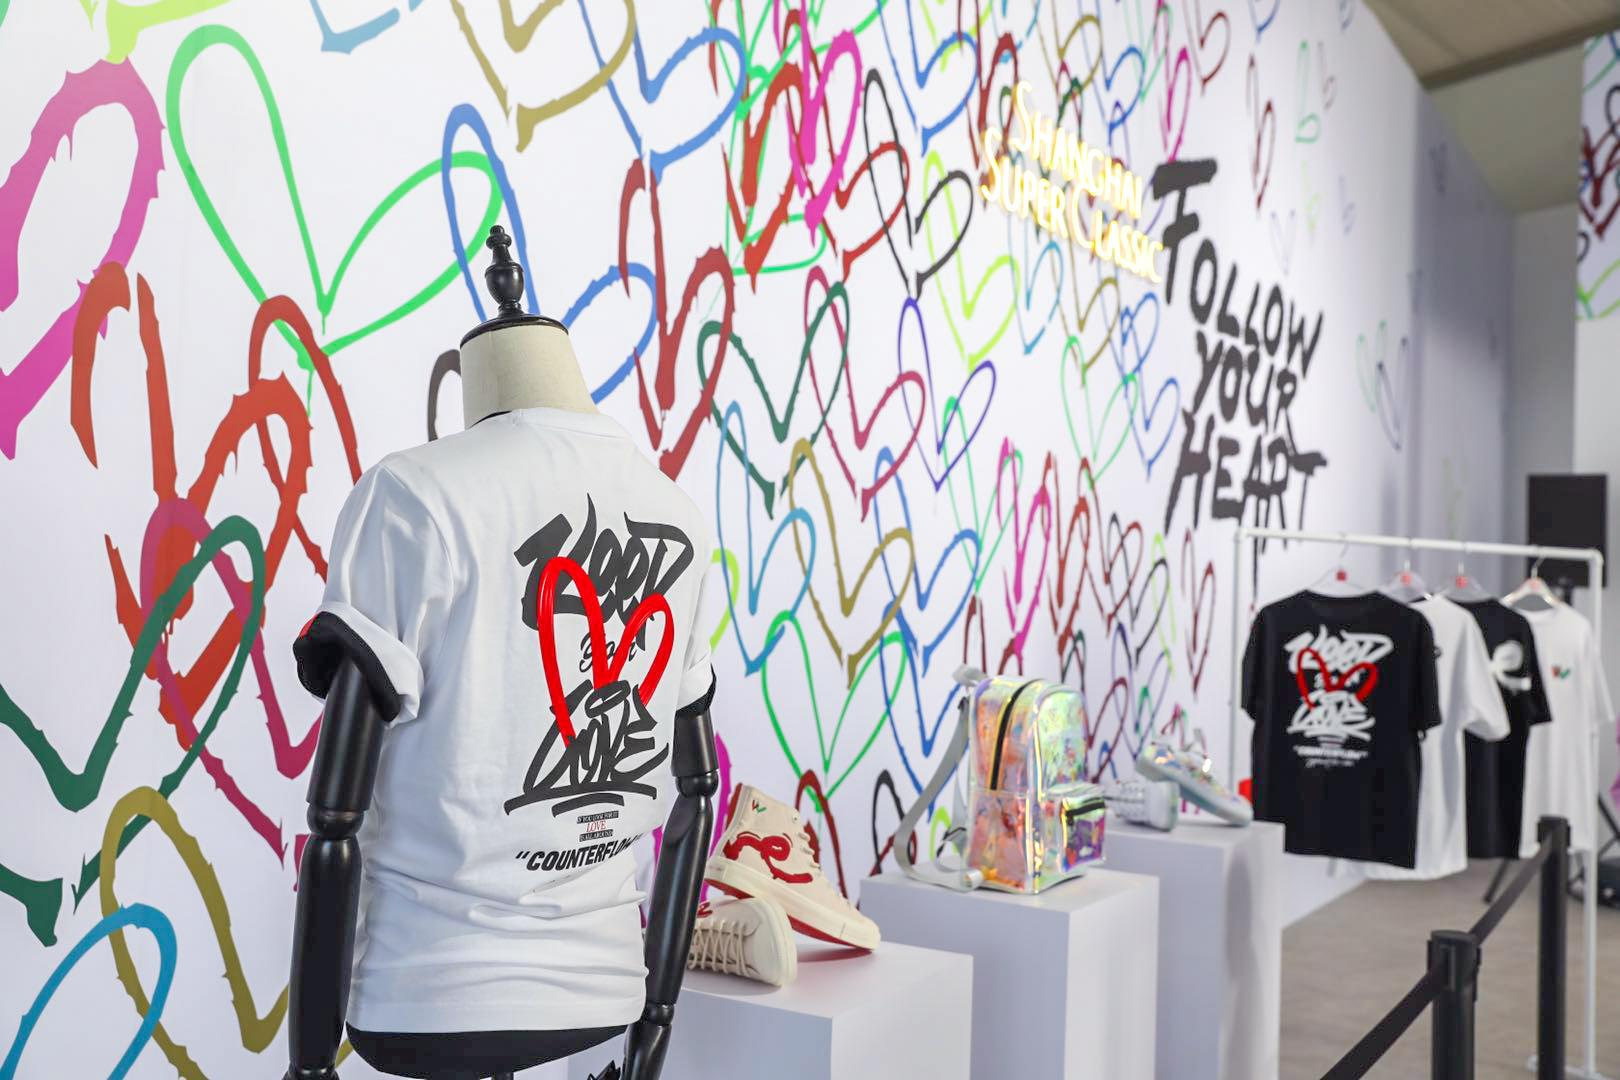 李宁COUNTERFLOW与著名涂鸦艺术家James跨界合作,演绎爱与潮流